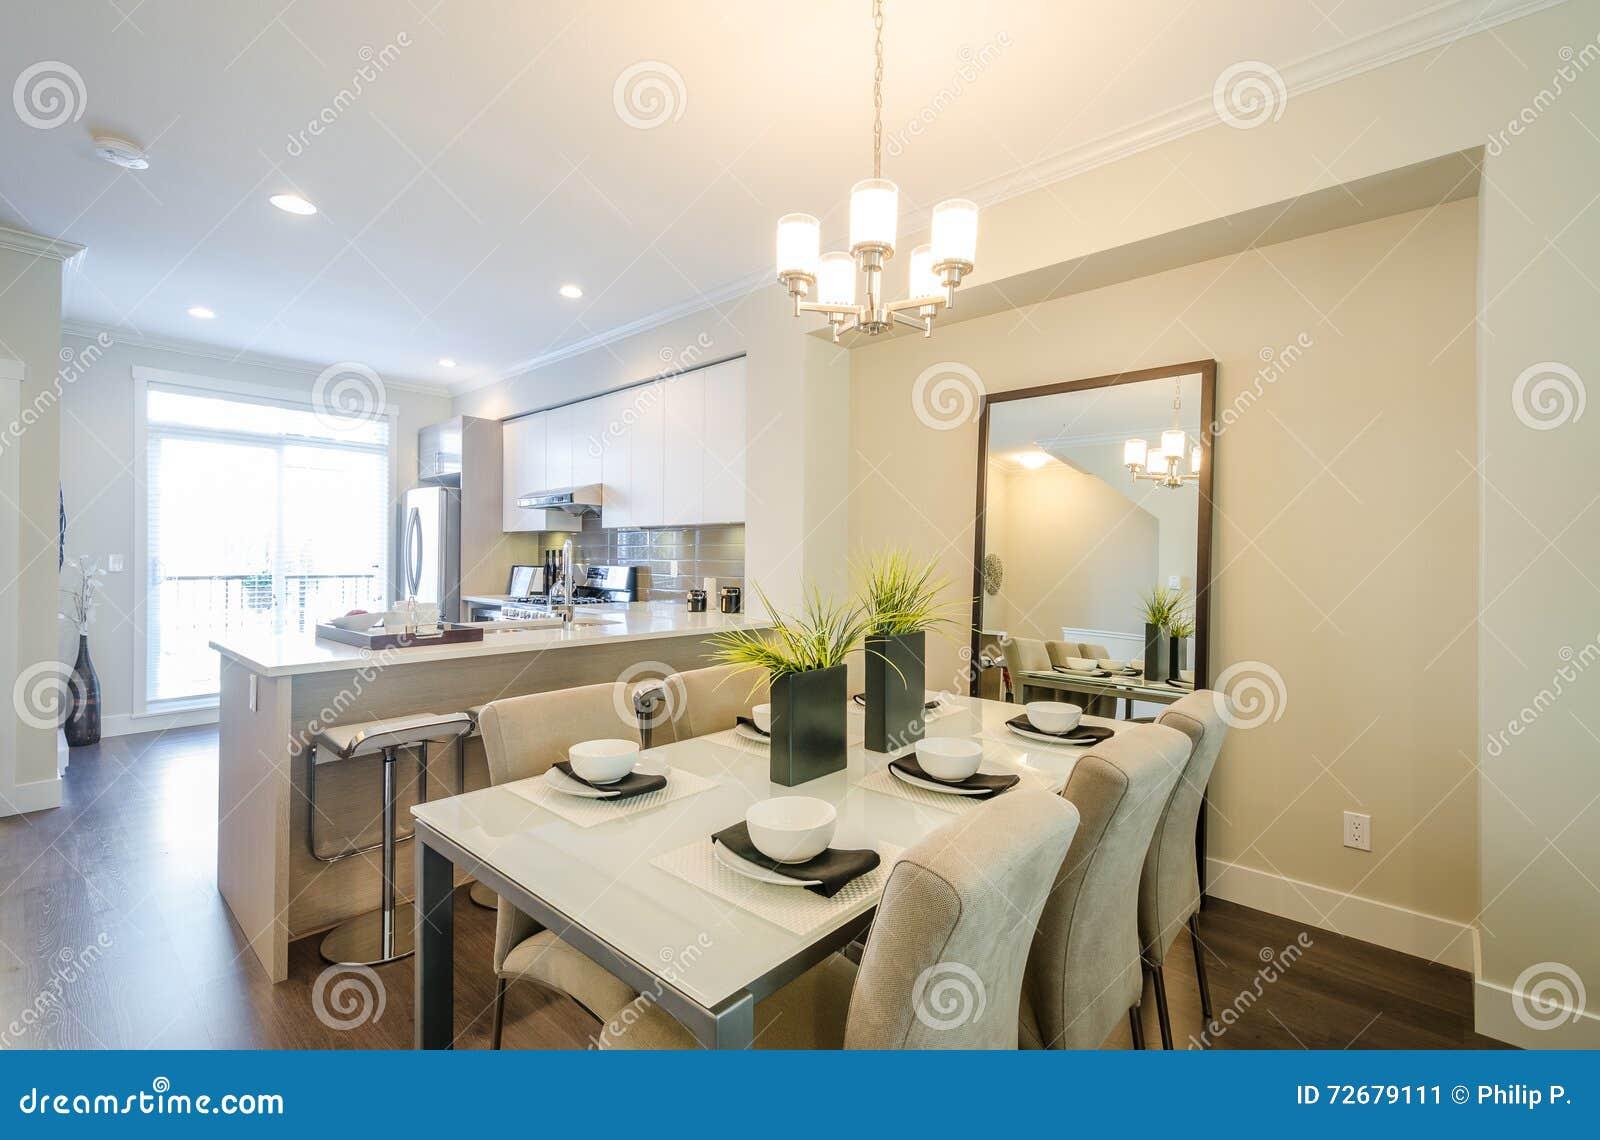 modernes esszimmer und küche stockfoto - bild: 72679111